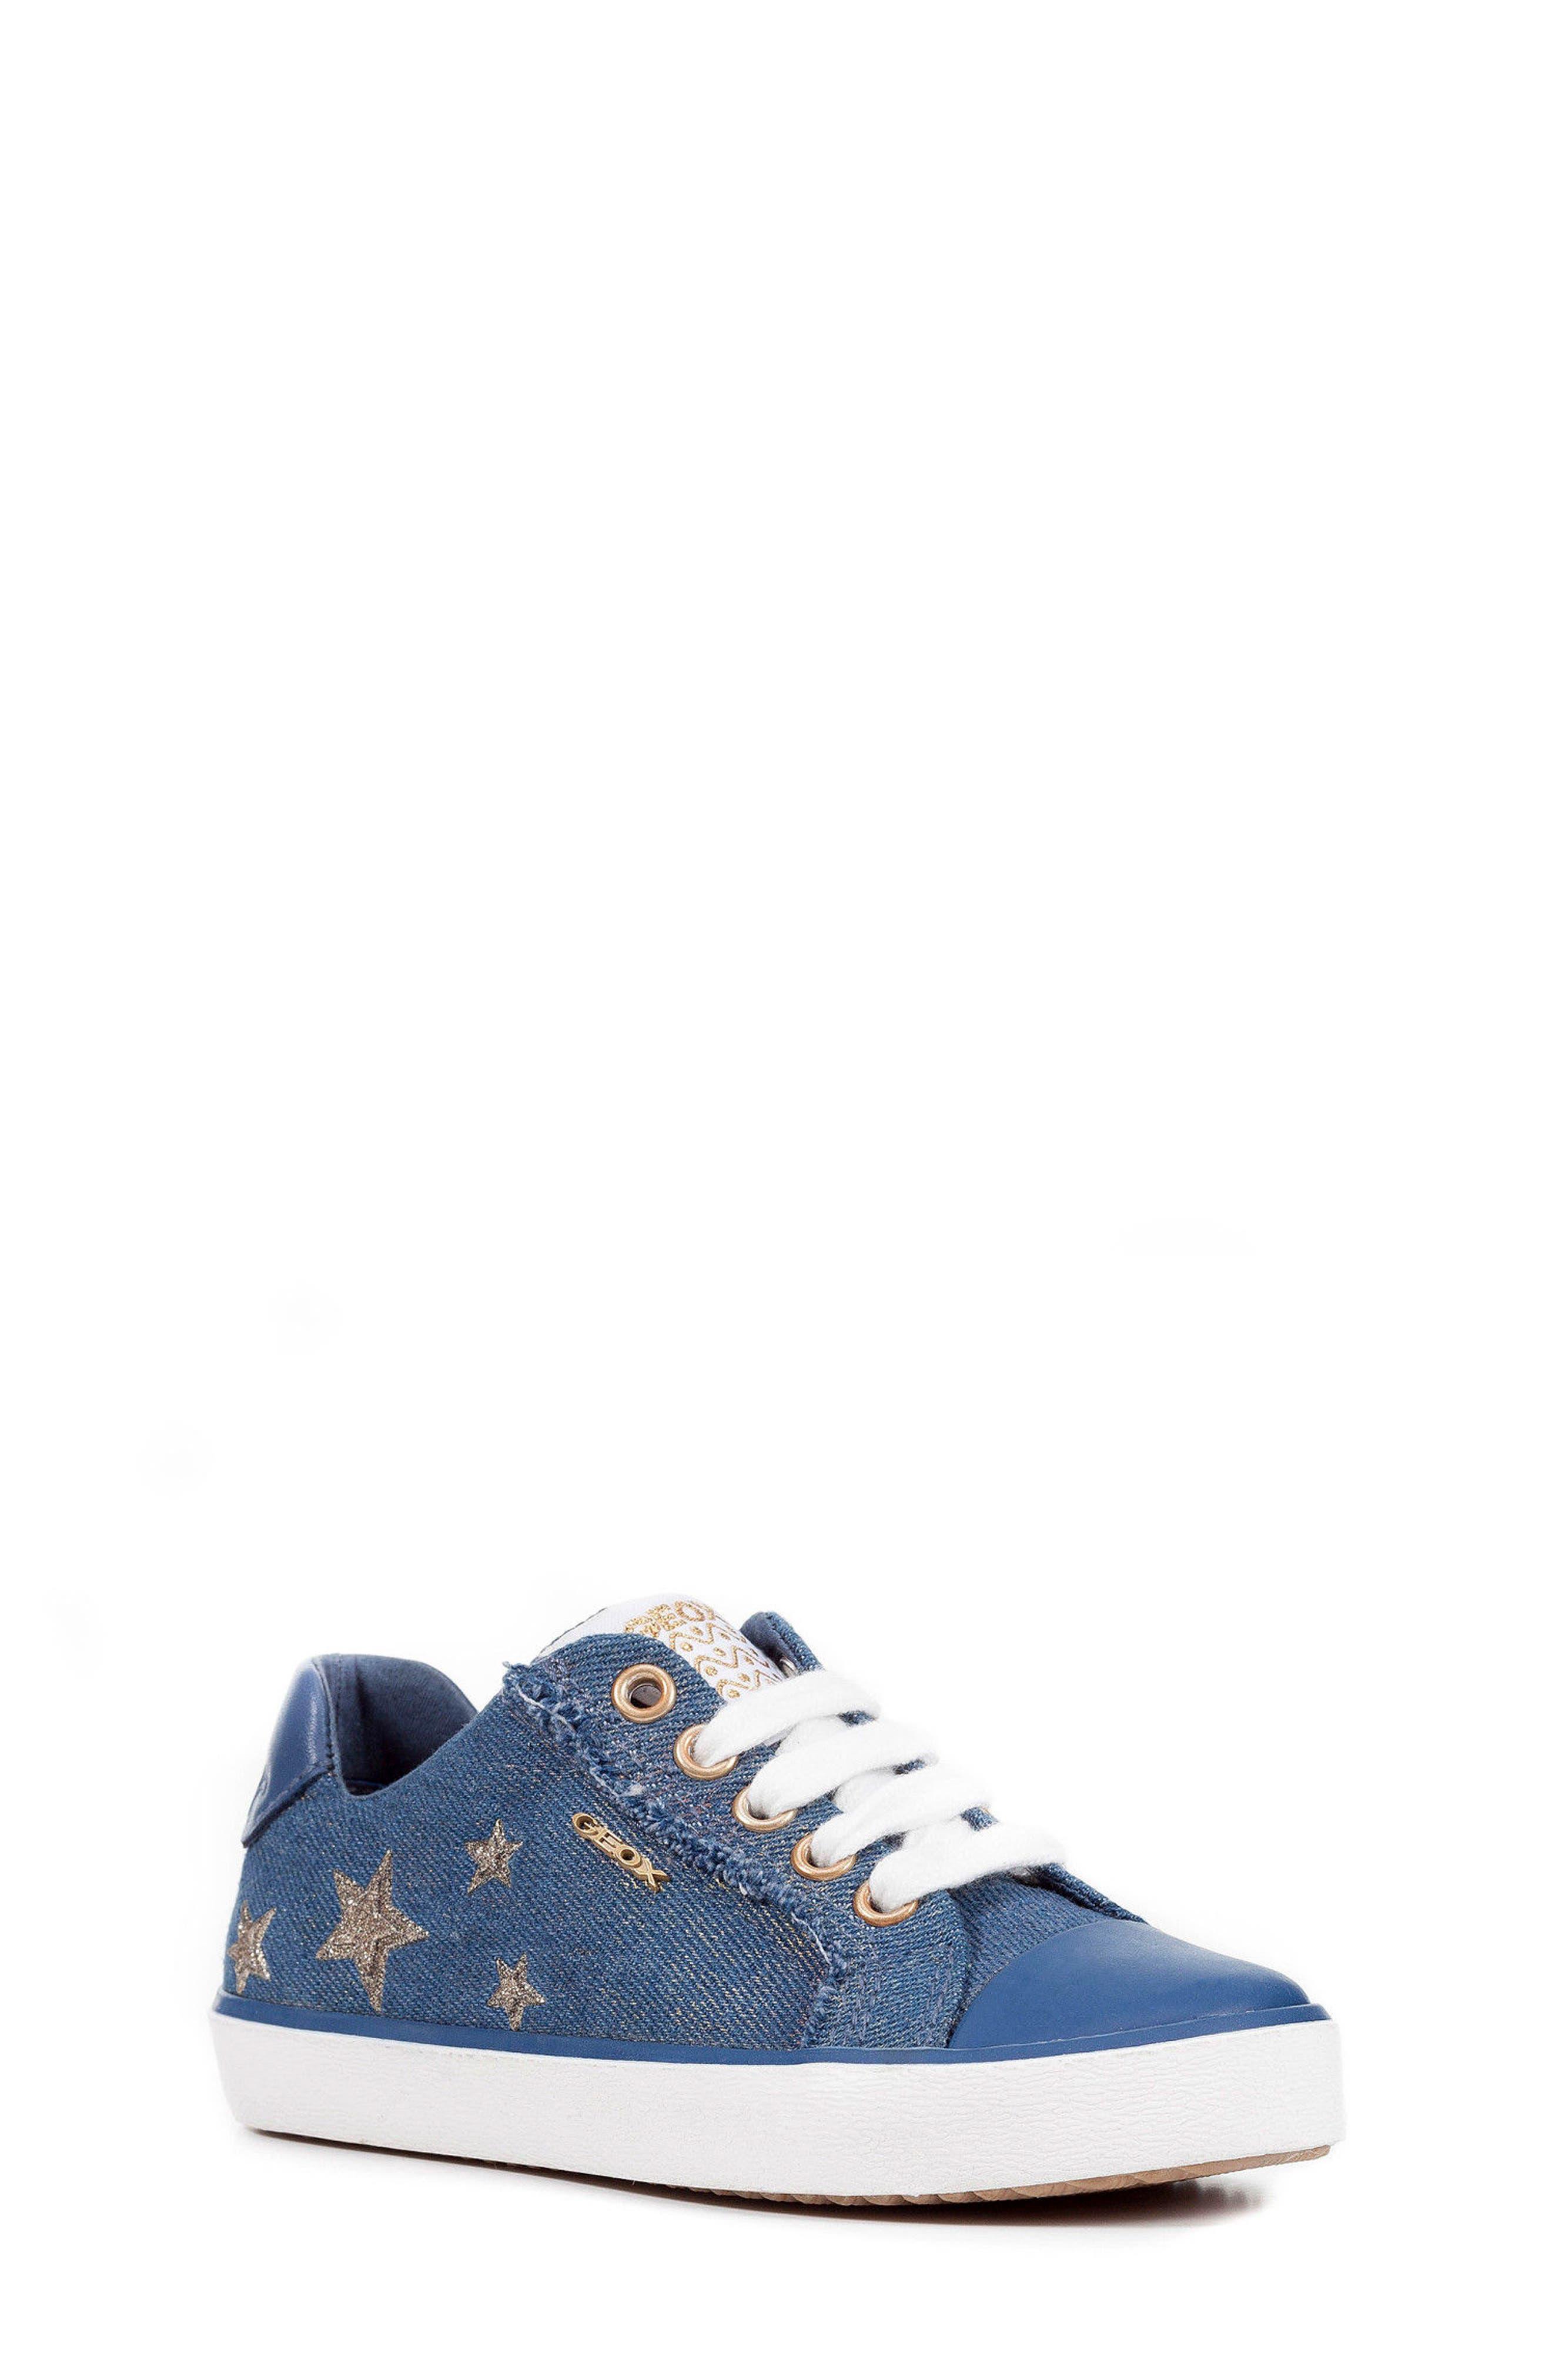 Kilwi Low Top Sneaker,                         Main,                         color, Avio